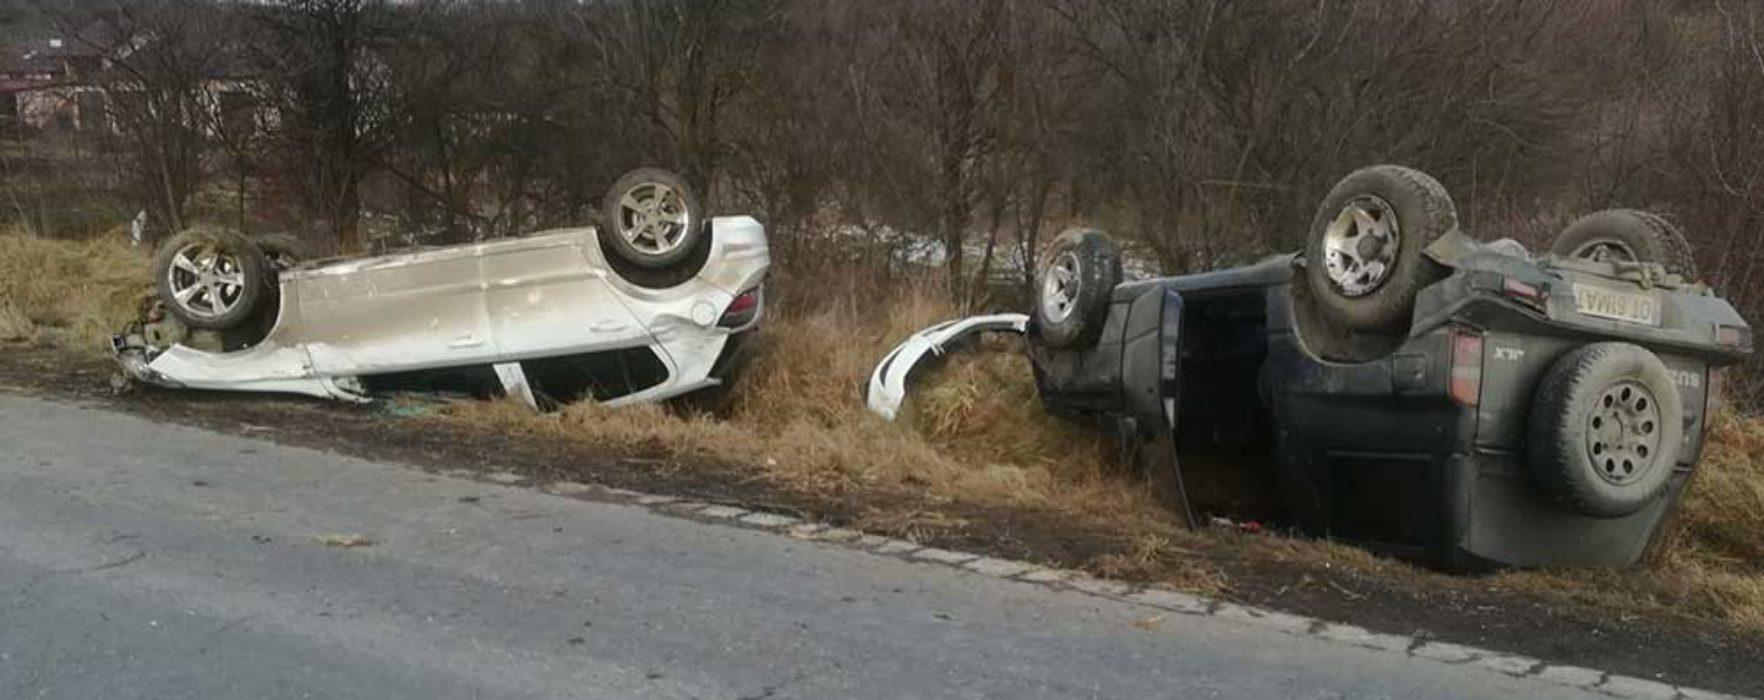 Dâmboviţa: Două maşini răsturnate pe DN 72A, în urma unui accident